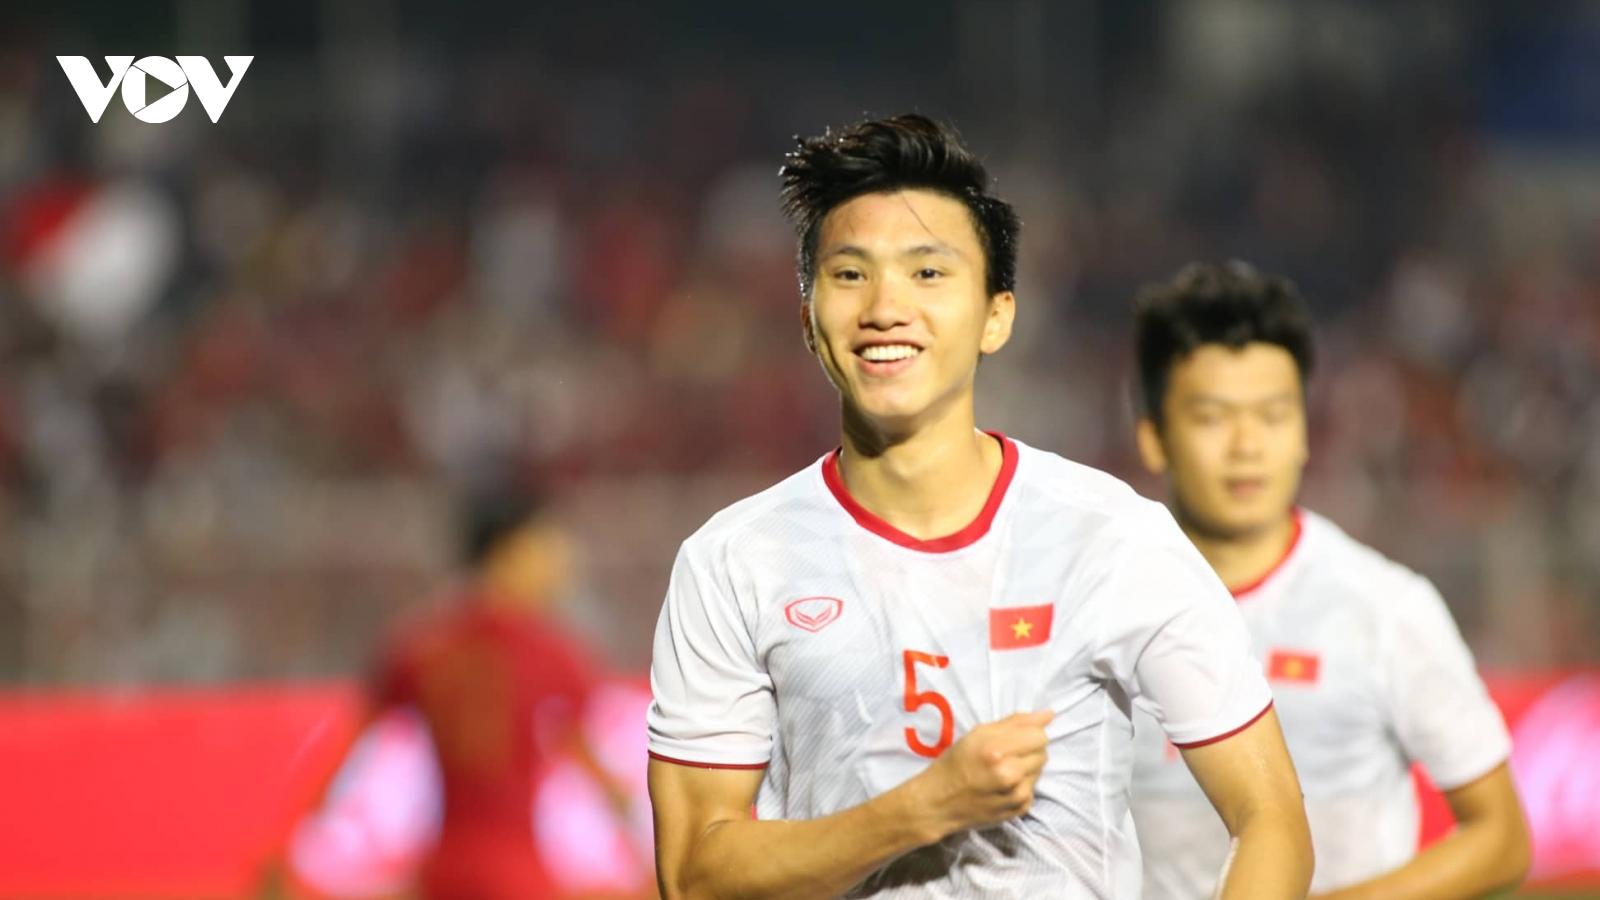 Đoàn Văn Hậu sẽ trở lại thi đấu cho ĐT Việt Nam vào thời điểm nào?